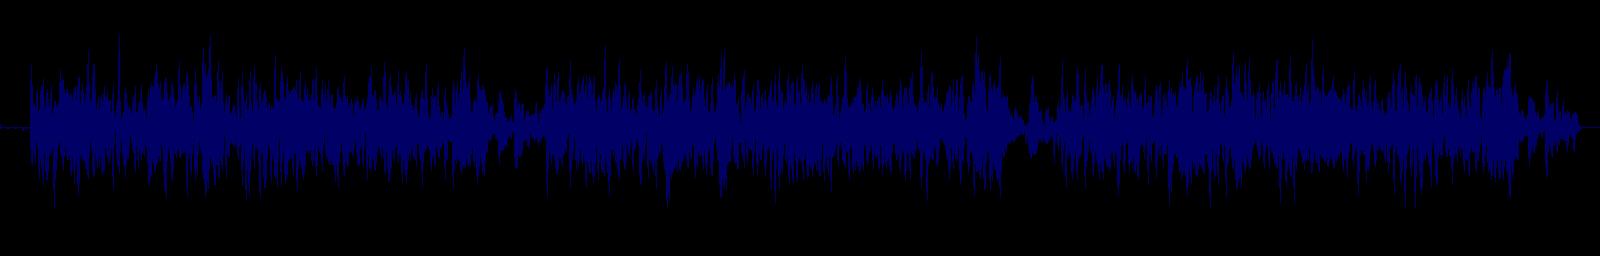 waveform of track #159176